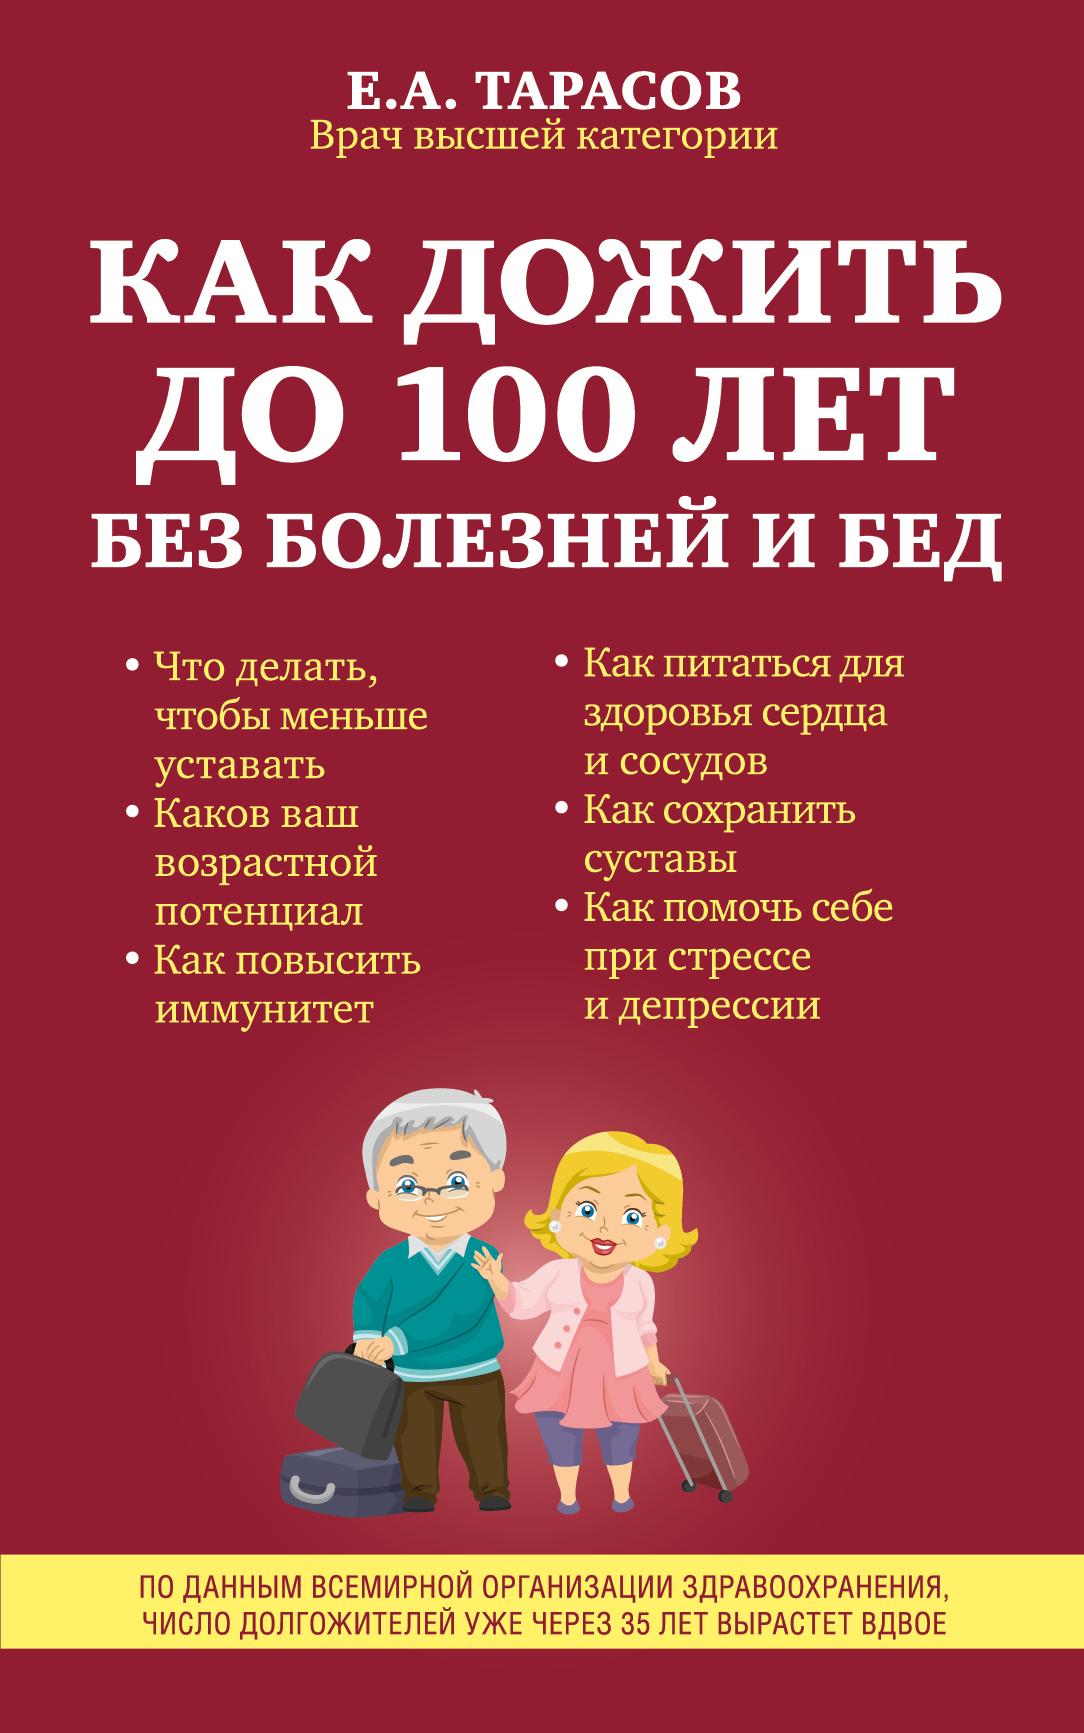 Евгений Тарасов «Как дожить до 100 лет без болезней и бед»